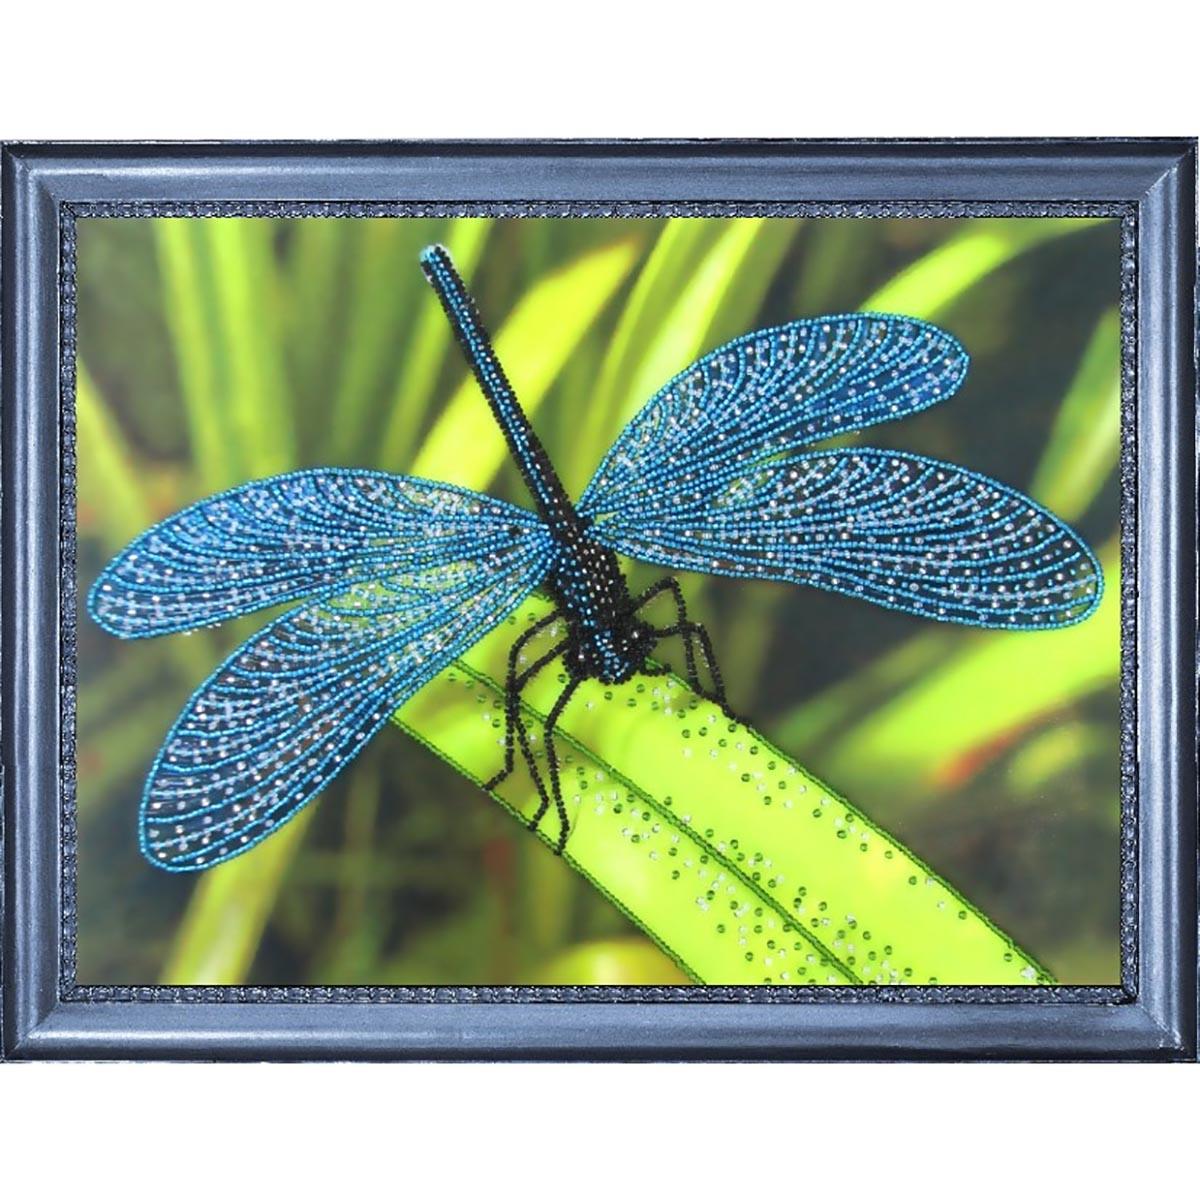 105 Набор для вышивания бисером Butterfly 'Стрекоза', 22*30 см